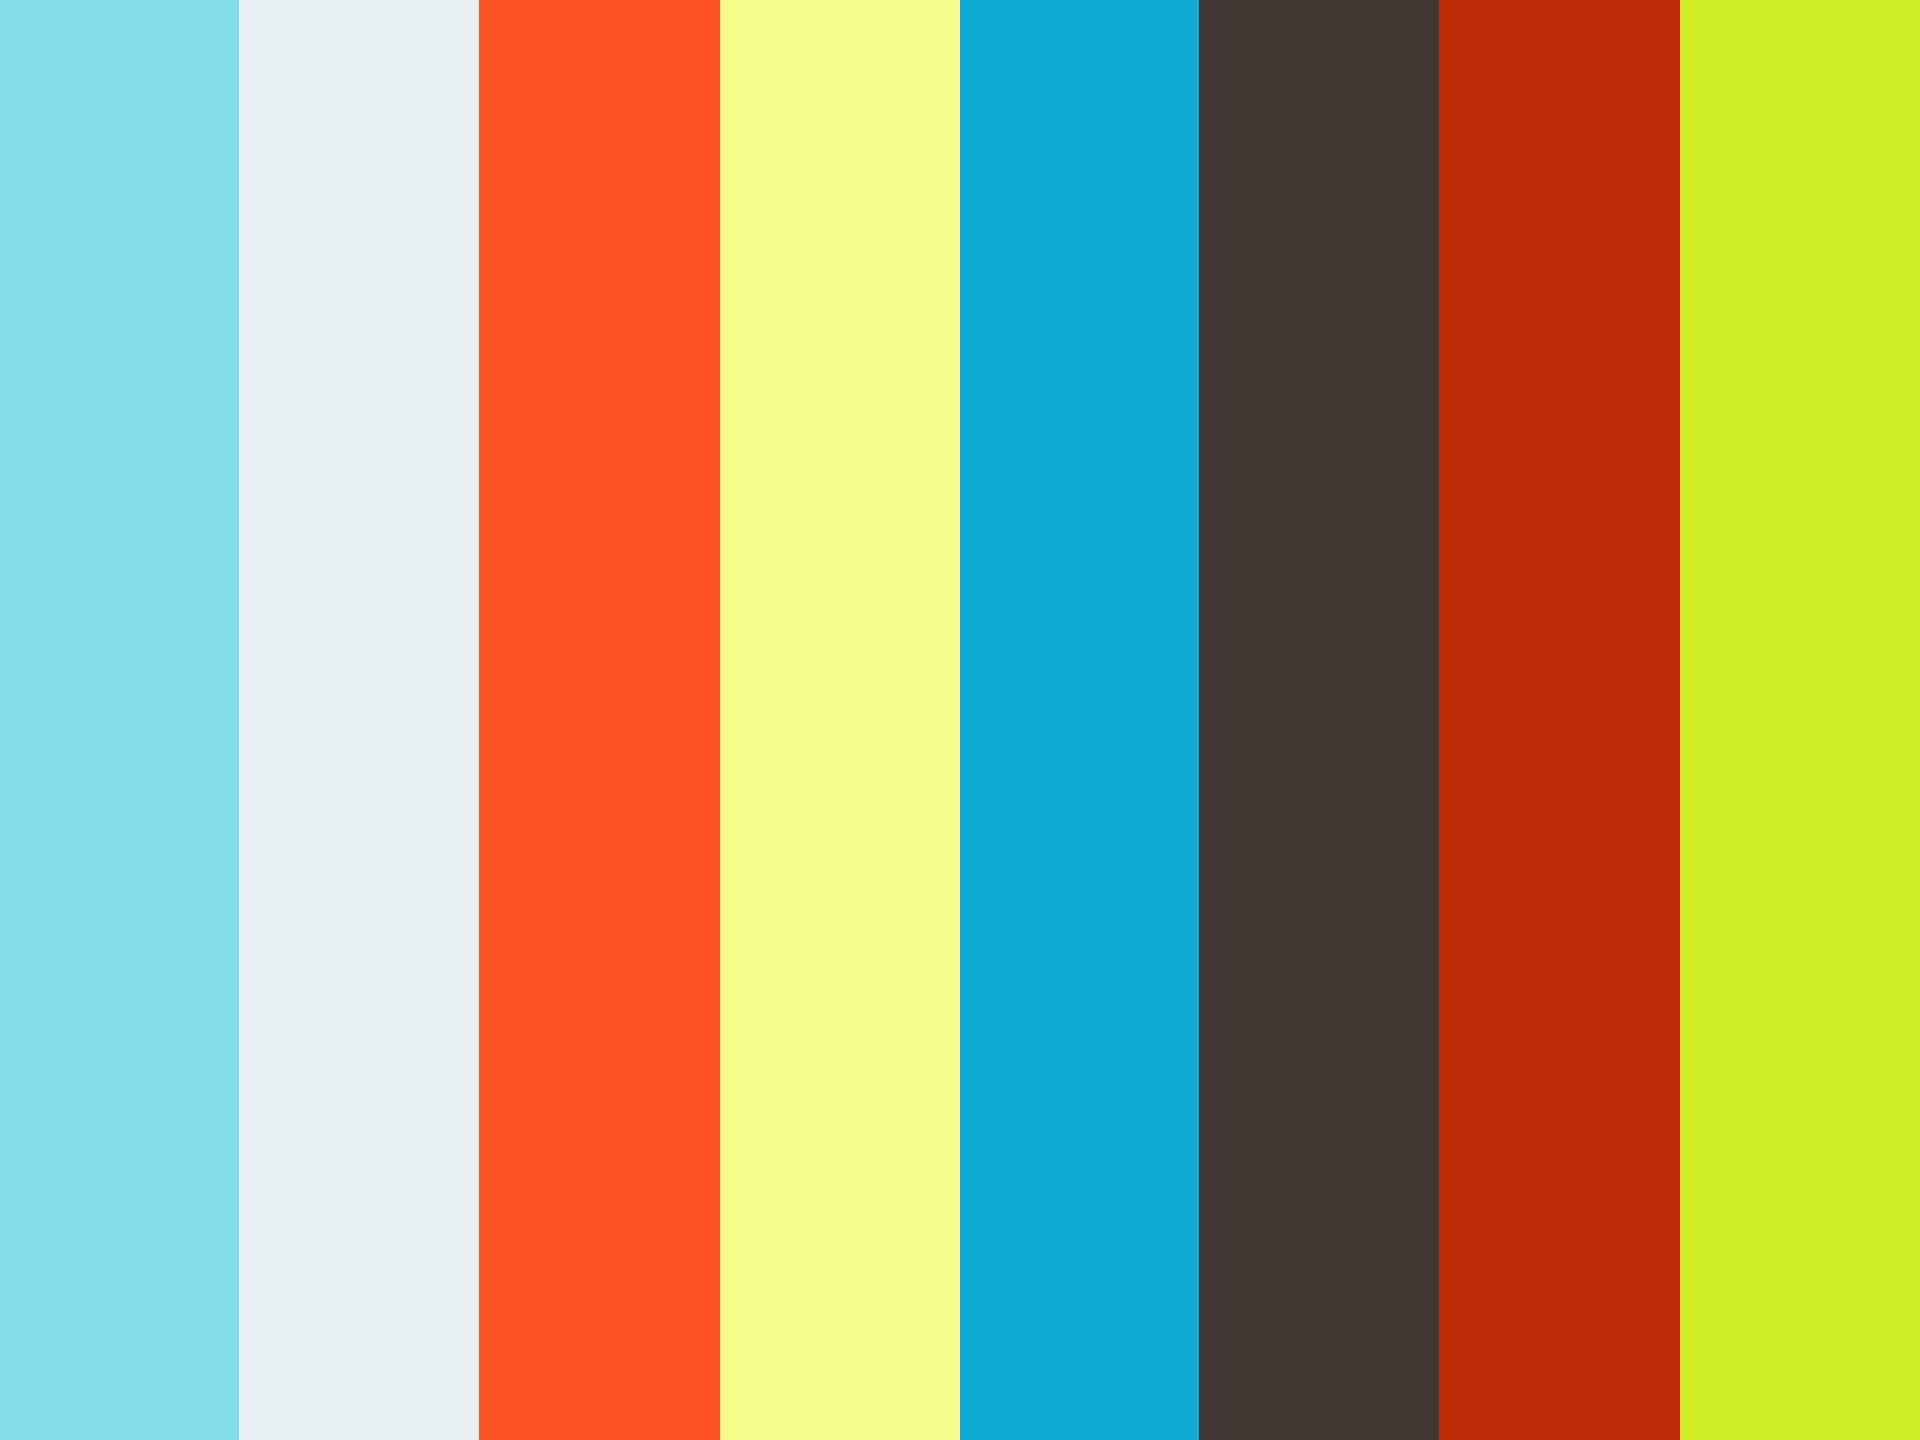 Tepro Holzkohlegrill Einbrennen : Gusseisenpfannen richtig einbrennen bbq hannover